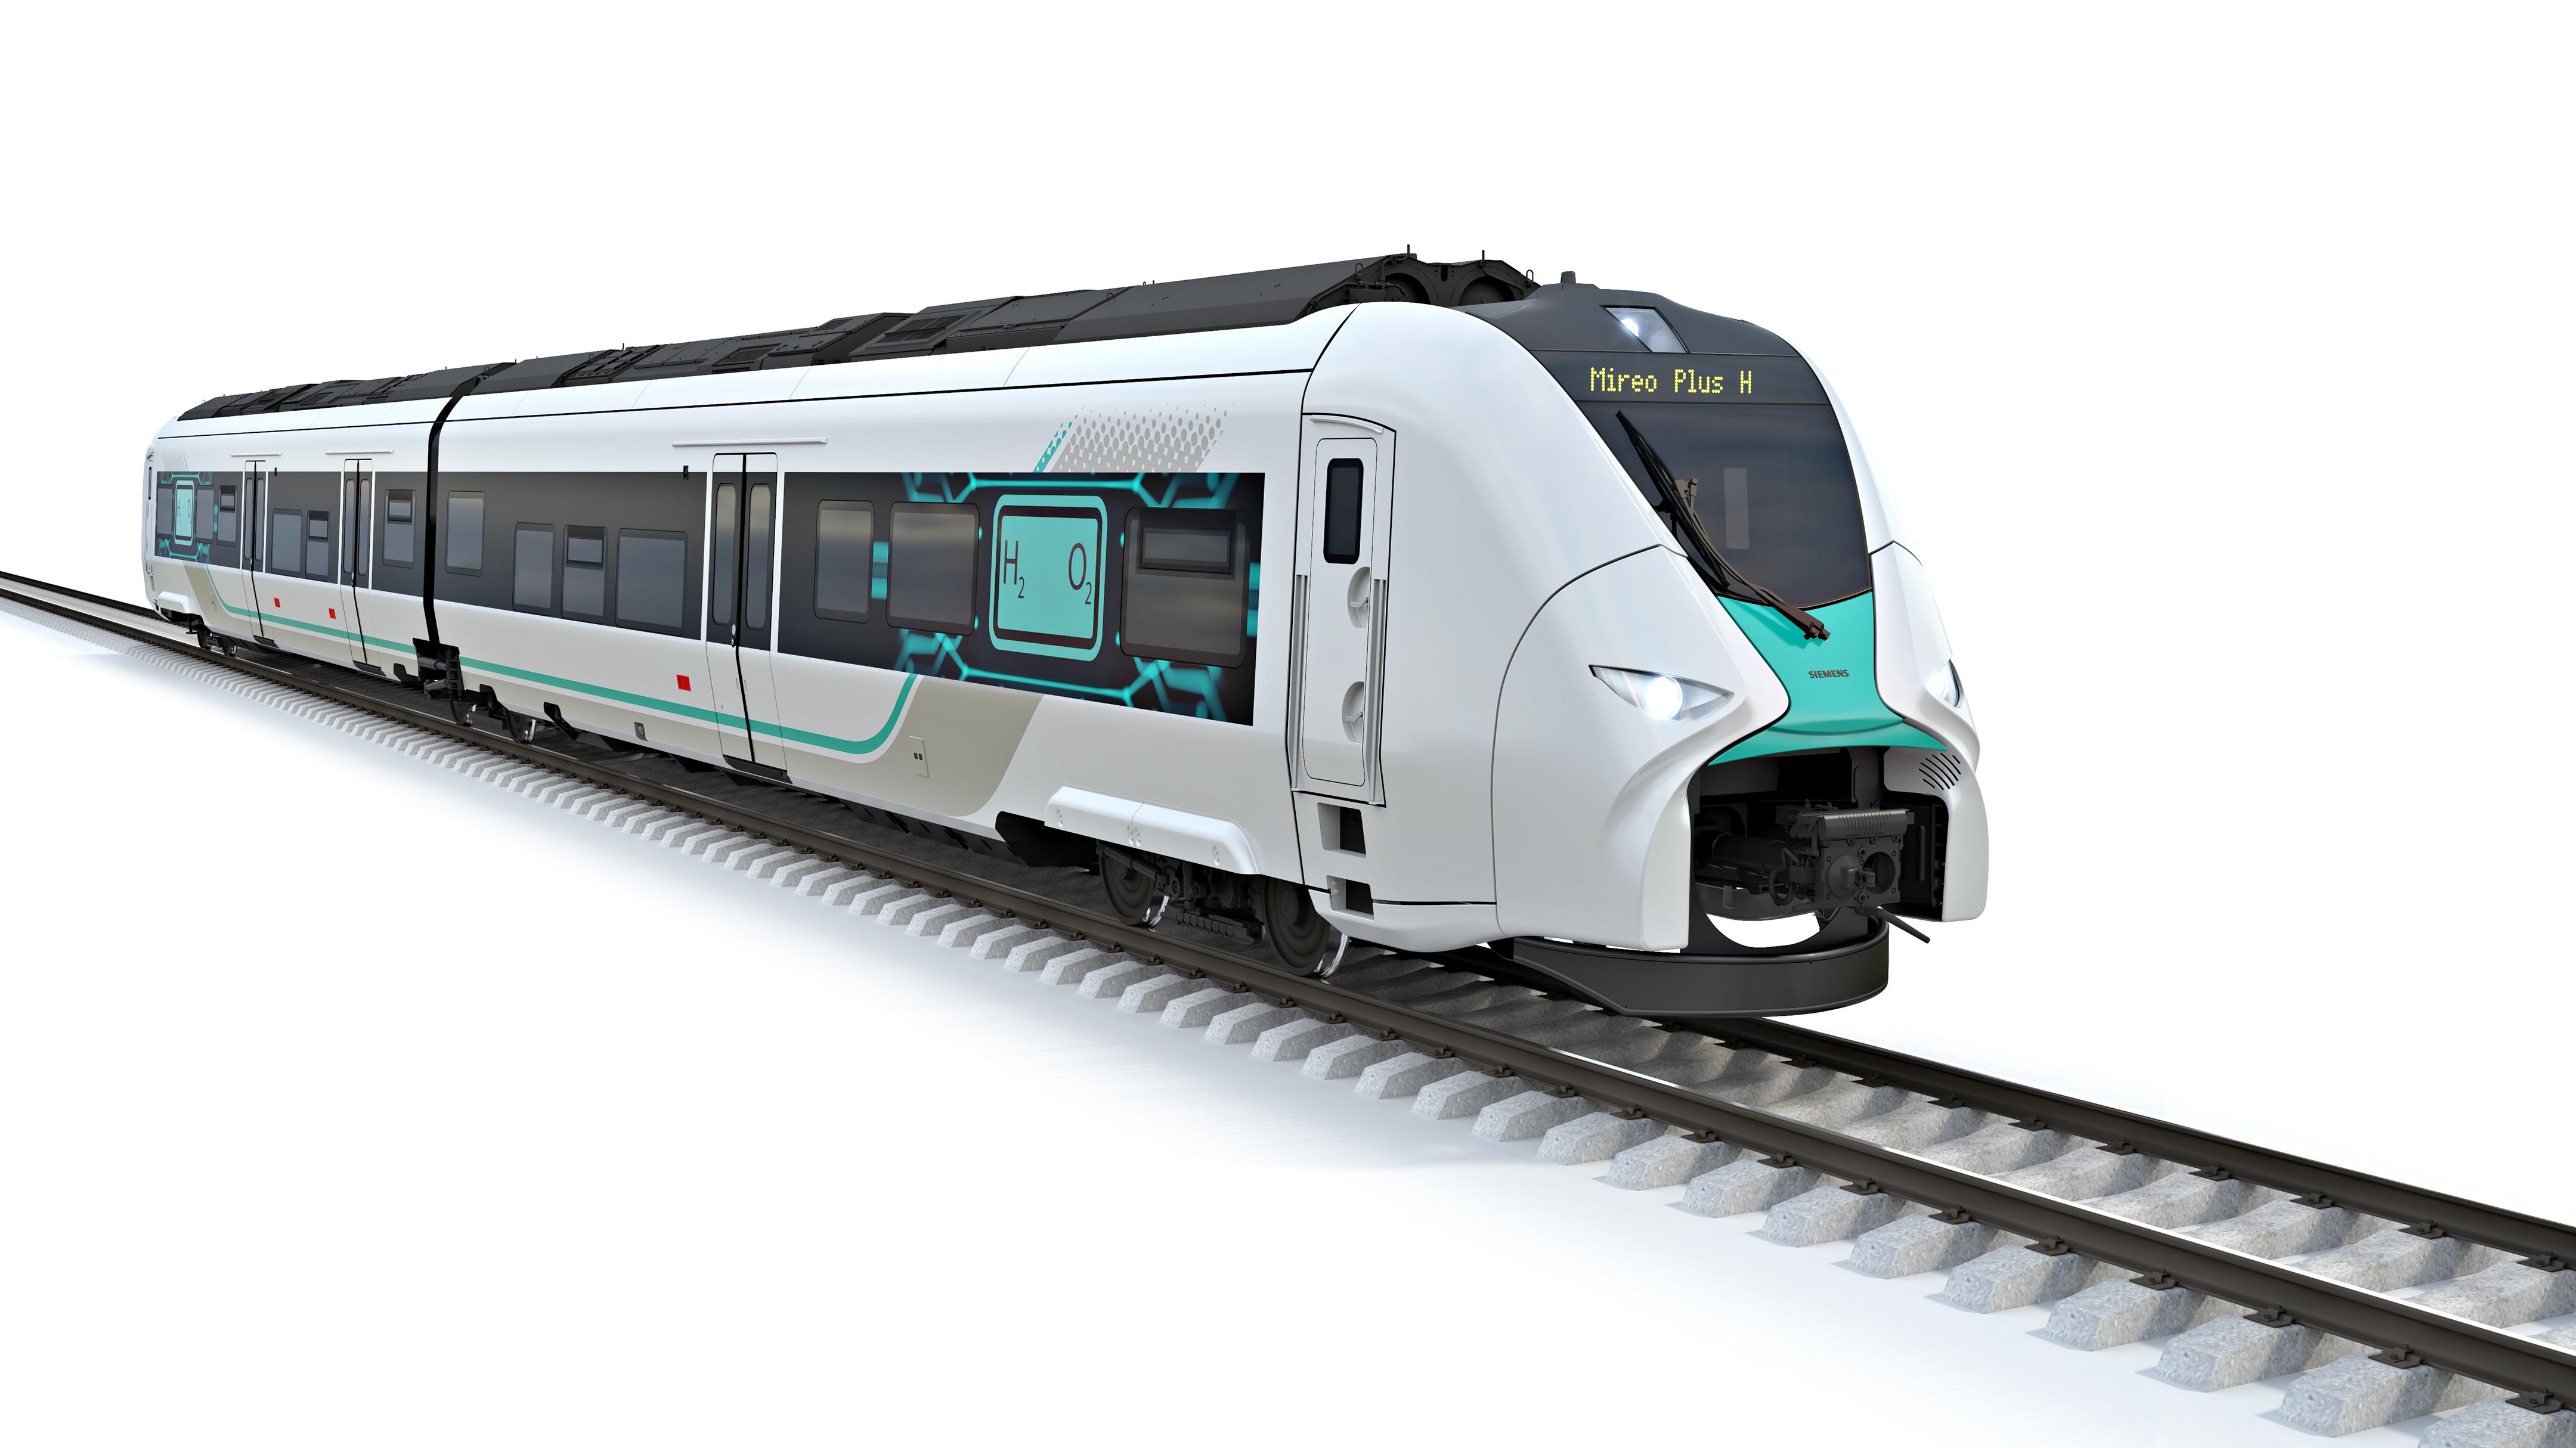 Der von Siemens Mobility gebaute Mireo Plus H wird mit einem neu entwickelten Wasserstoffantrieb ausgerüstet und soll bei einer Reichweite von 600 Kilometern so leistungsfähig wie elektrische Triebzüge sein. Fotocredit: © Siemens